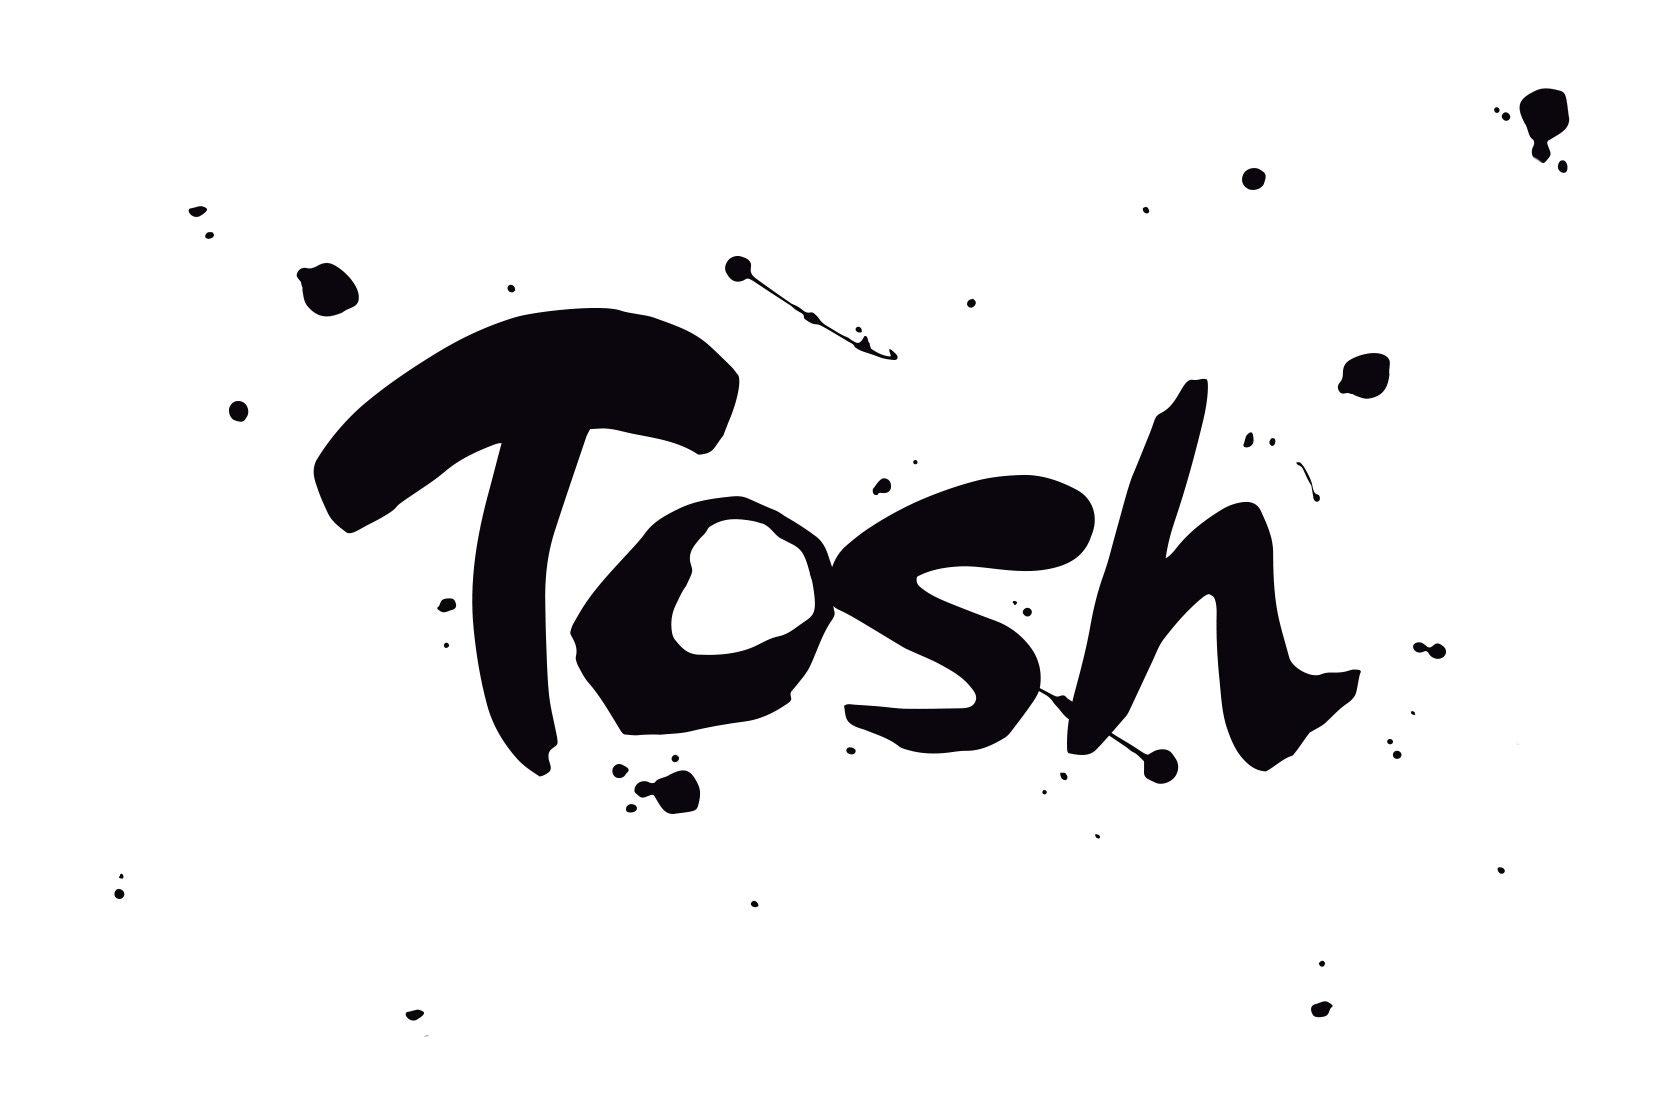 Tosh Jeffrey Logo Identity Design by Furia